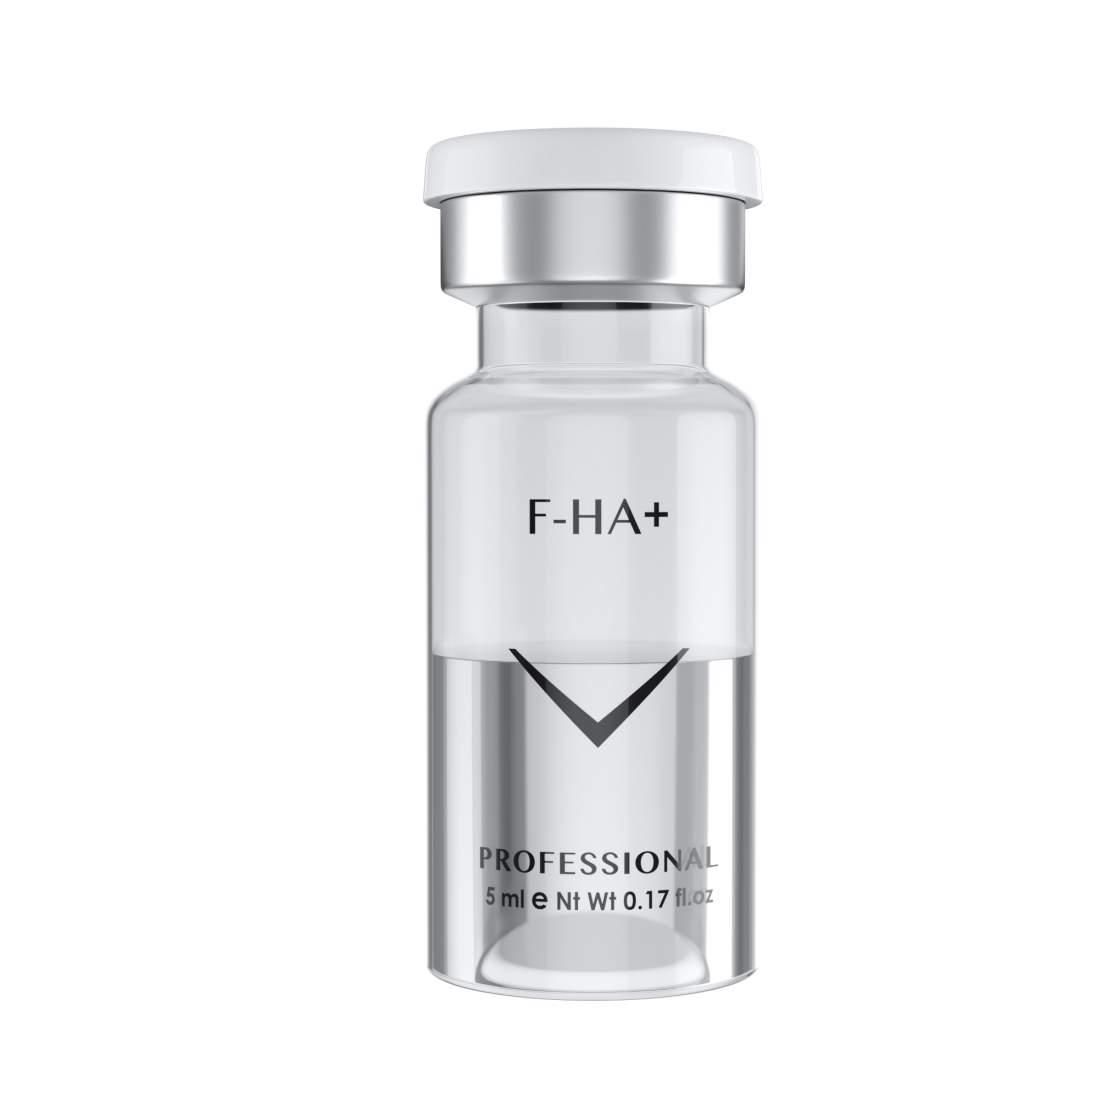 Hyaluronsav ráncfeltöltő, steril ampulla 3,5% - Fusion Meso F-HA 3,5%